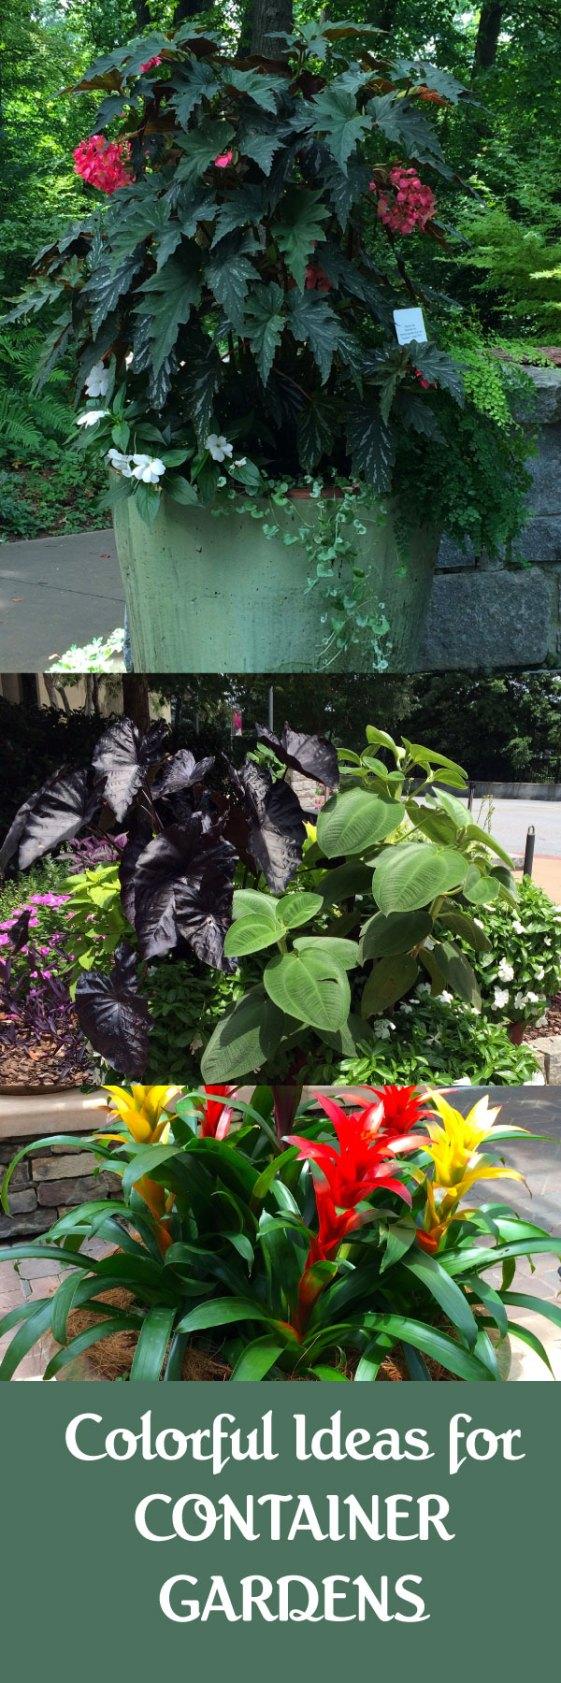 containter-gardens